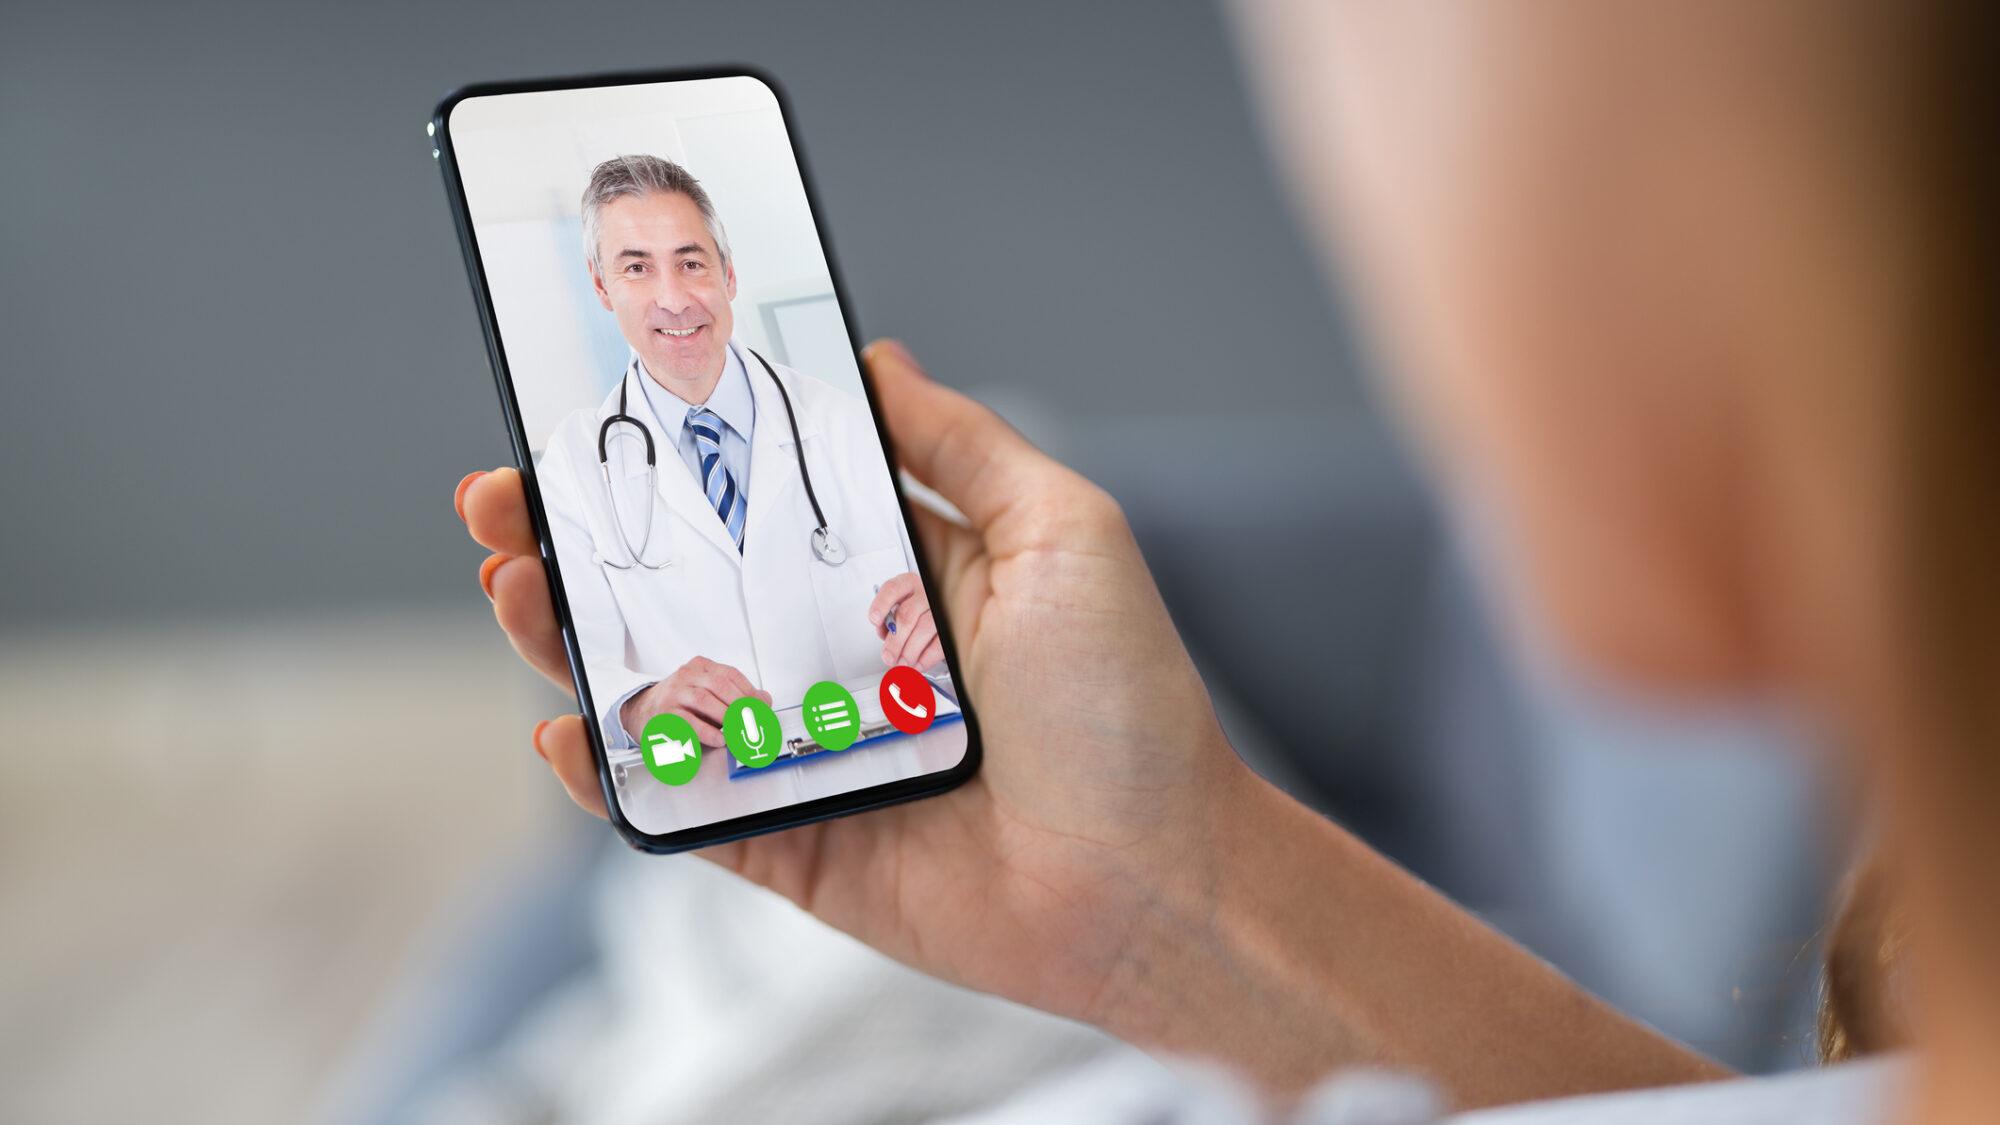 Médico à distância de um clique